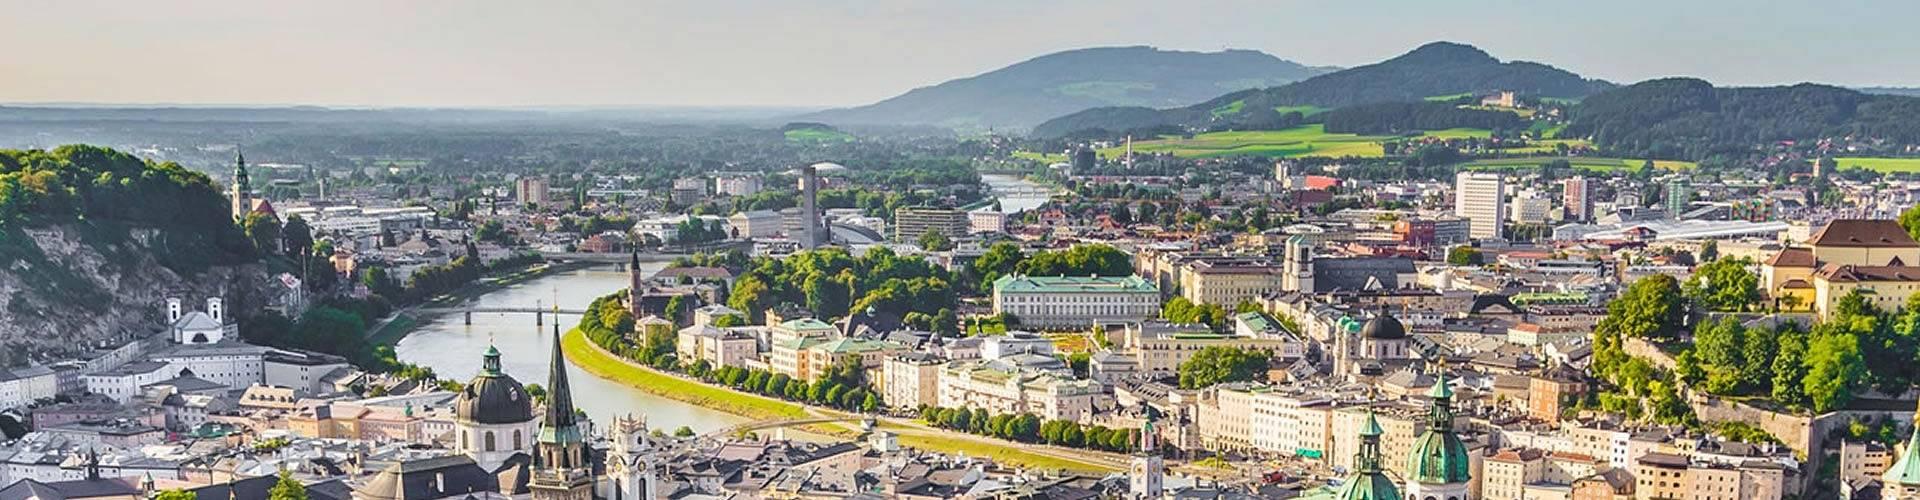 RE/MAX - Immobilien in Österreich © fotolia.com RE/MAX - Immobilien in Österreich © fotolia.com